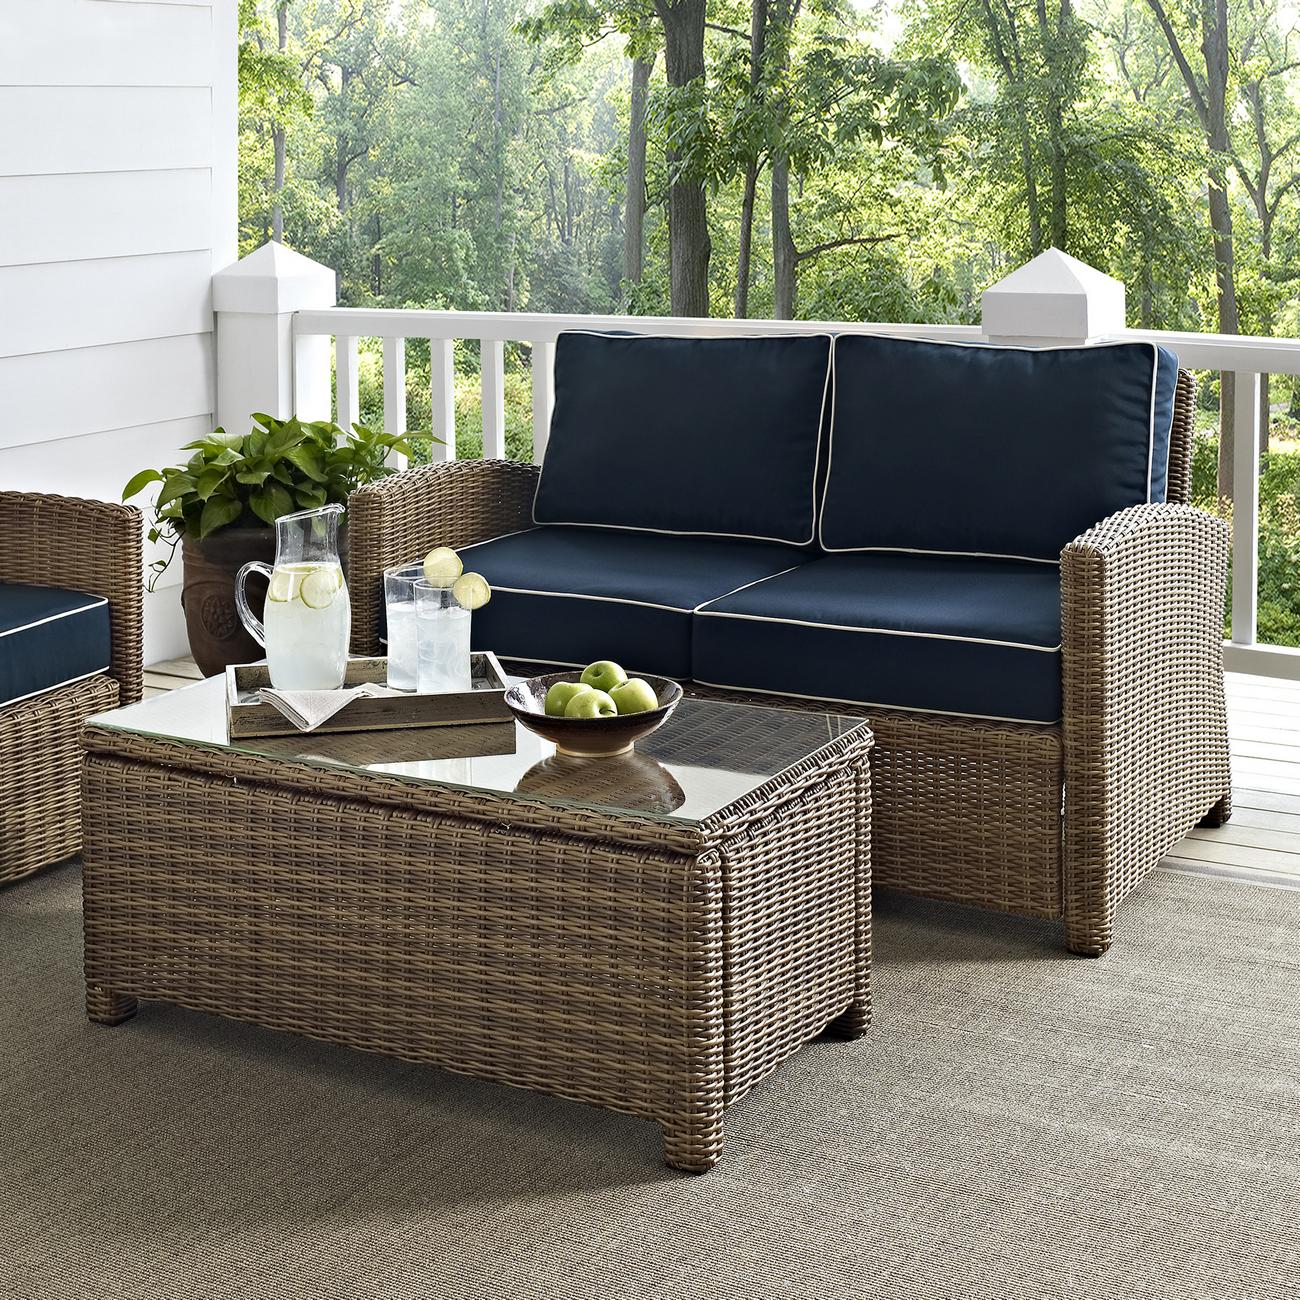 Crosley Brands Seating Set Outdoor Wicker